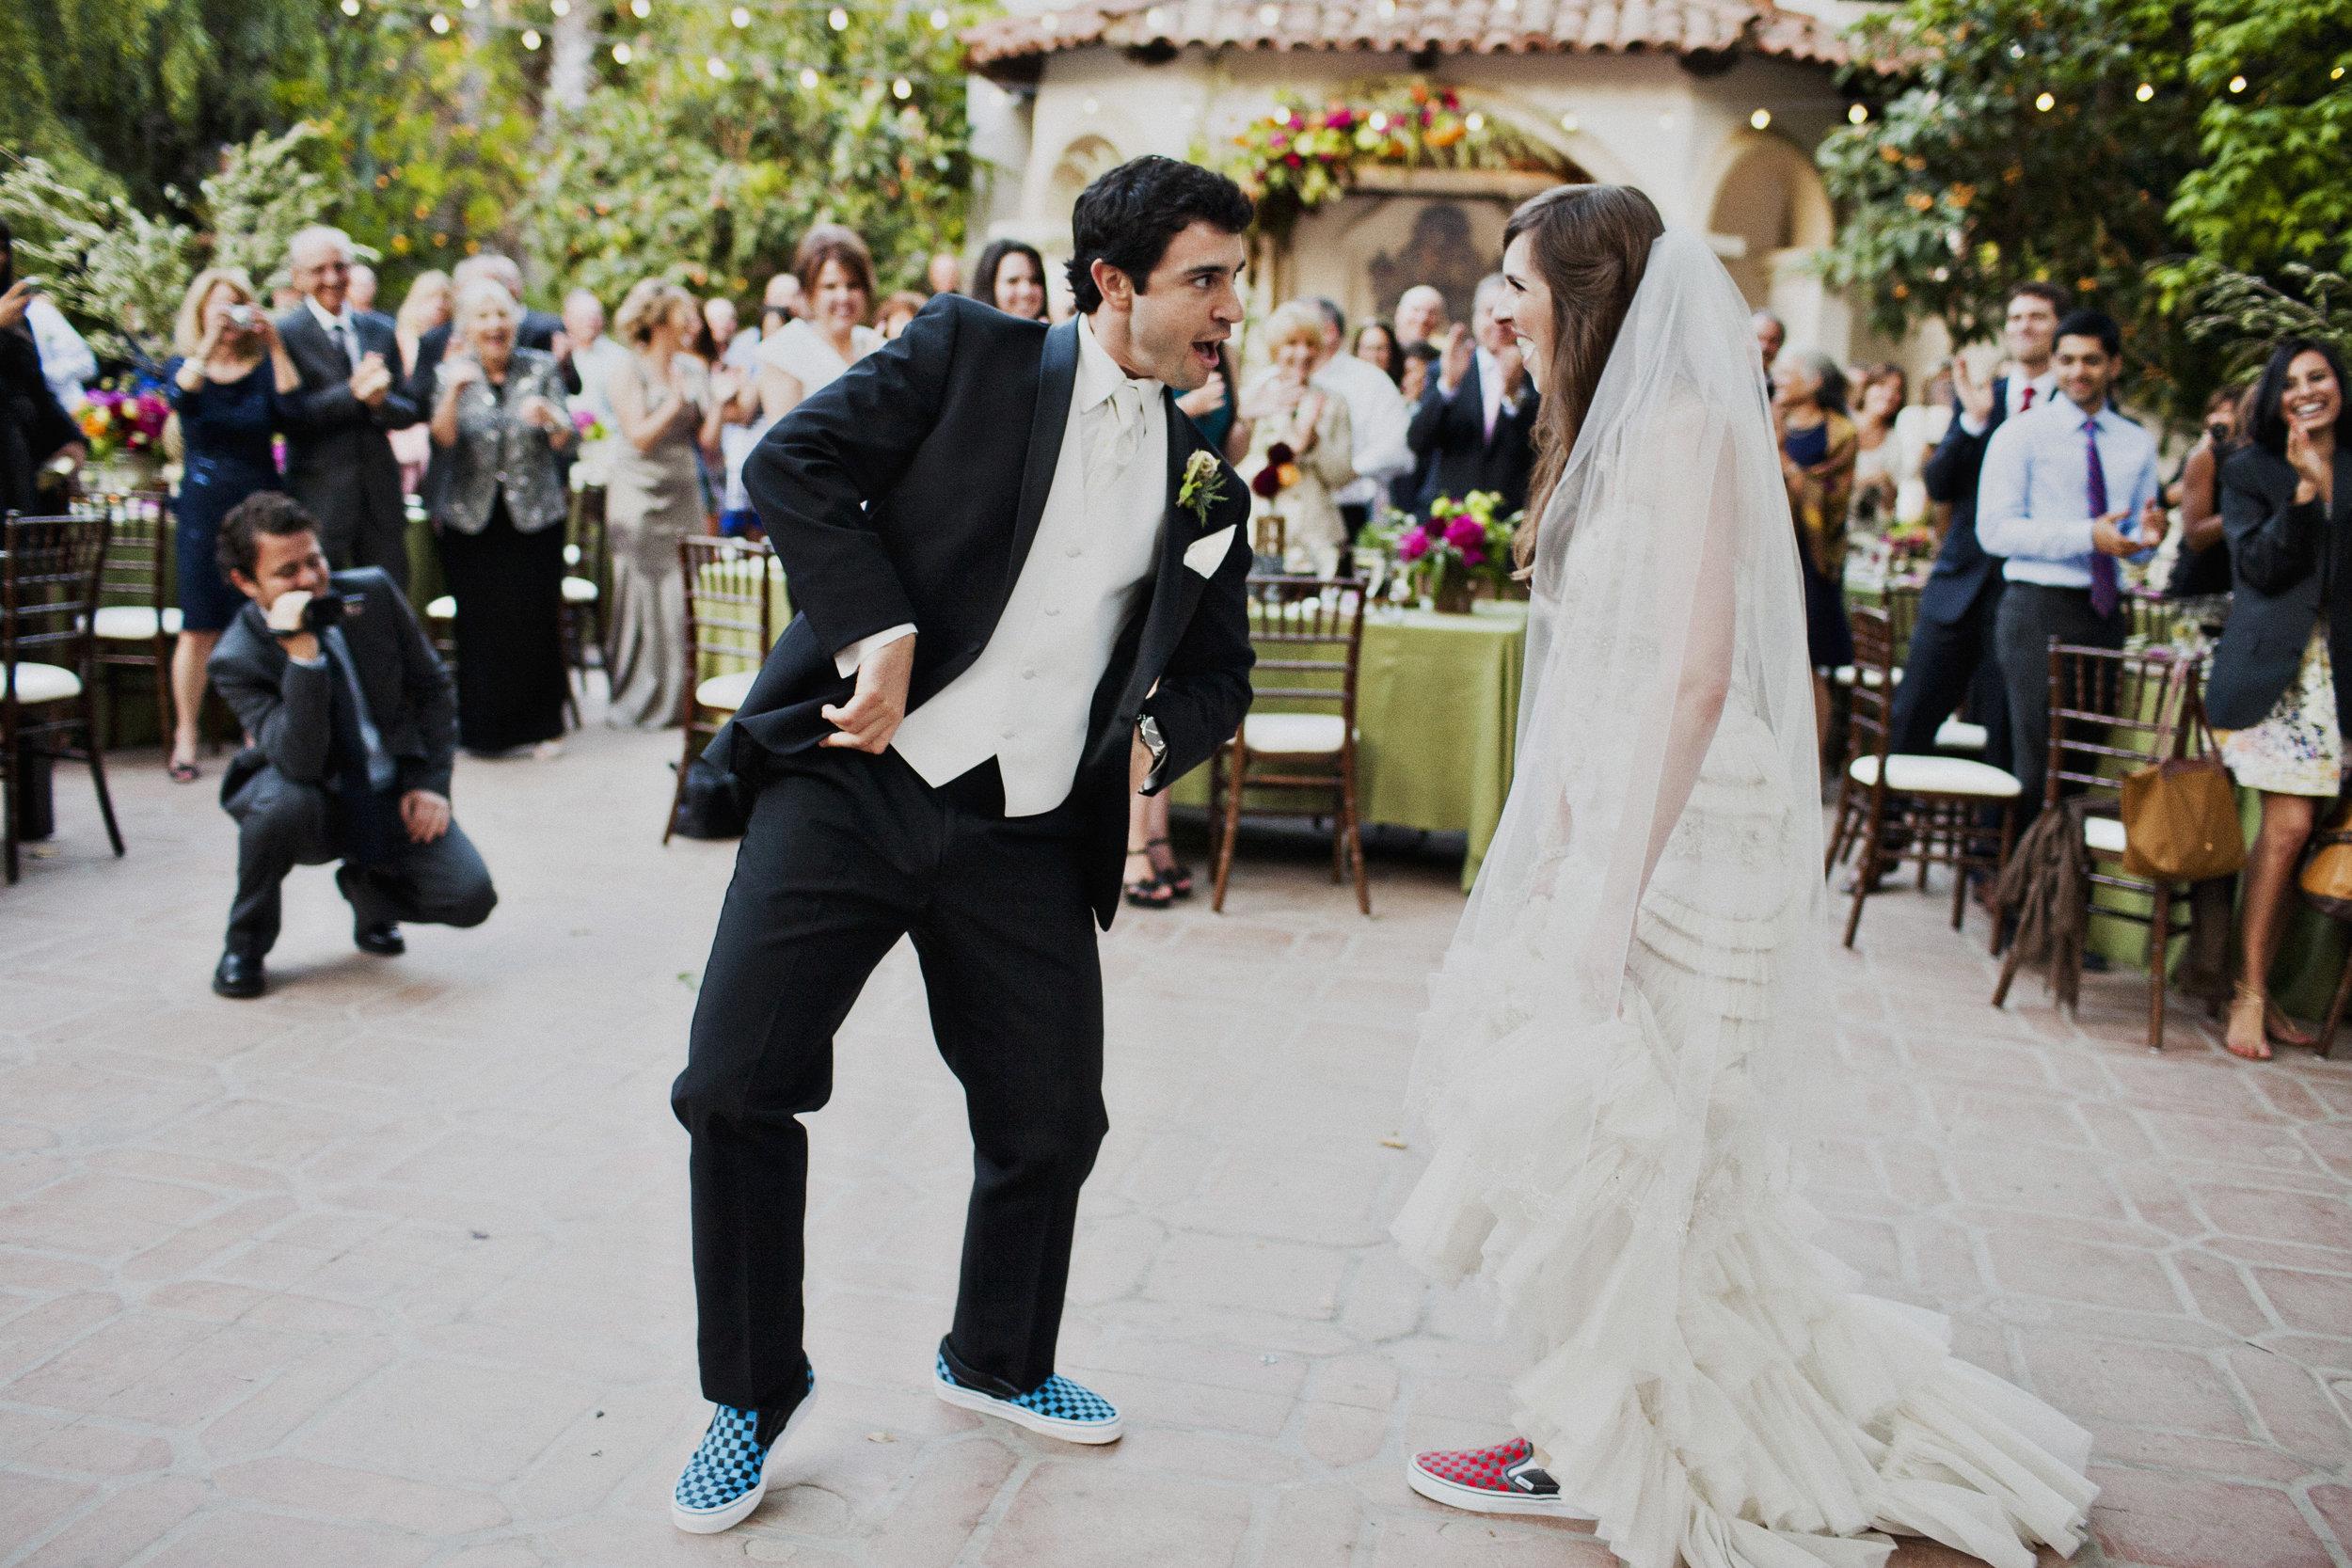 candace_asher_wedding_favorites_06082013_0070.jpg